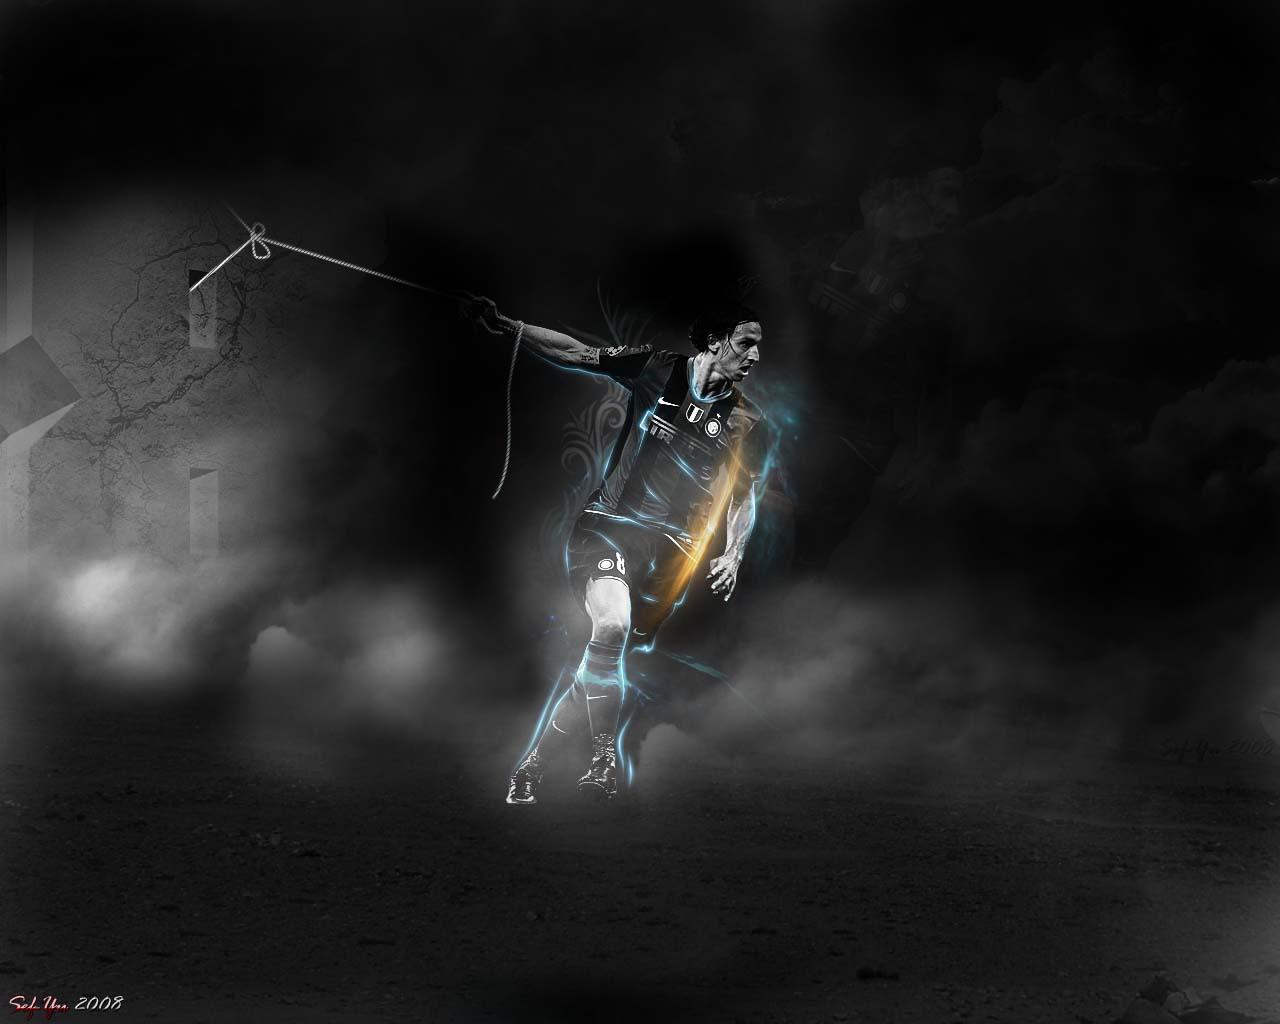 http://1.bp.blogspot.com/-q4Wu6yvGdzk/UAUmDAaIv8I/AAAAAAAAEOY/a3_j06G-8B8/s1600/ibrahimovic.jpg